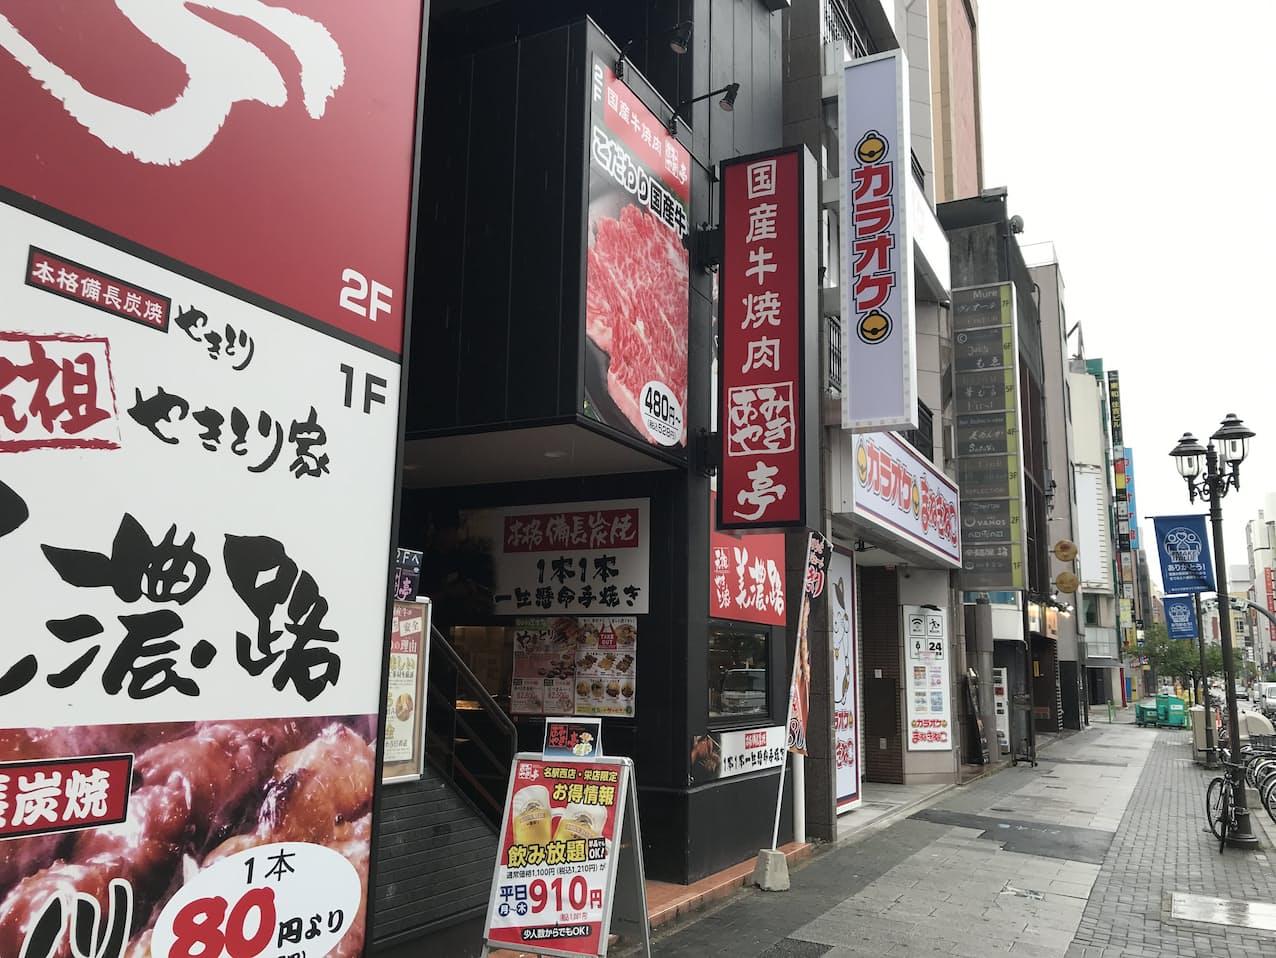 外食店は3度目の緊急事態宣言に警戒する(名古屋市)